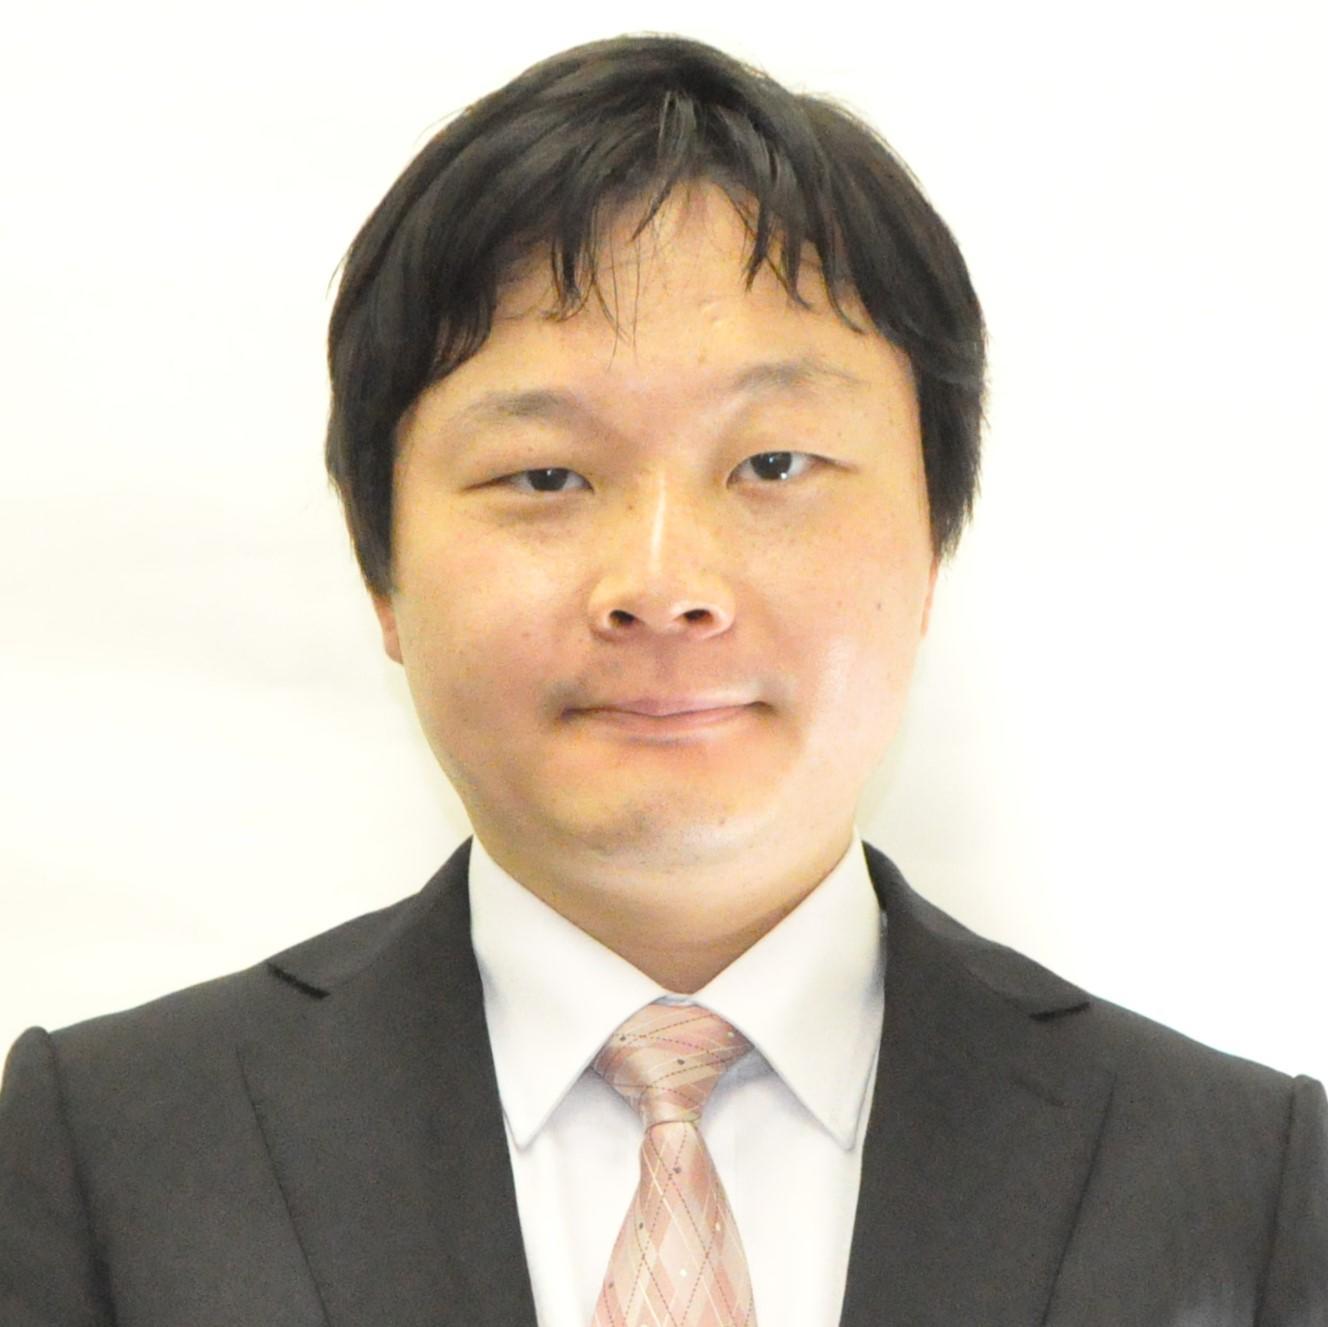 坂井 啓一(さかい けいいち)